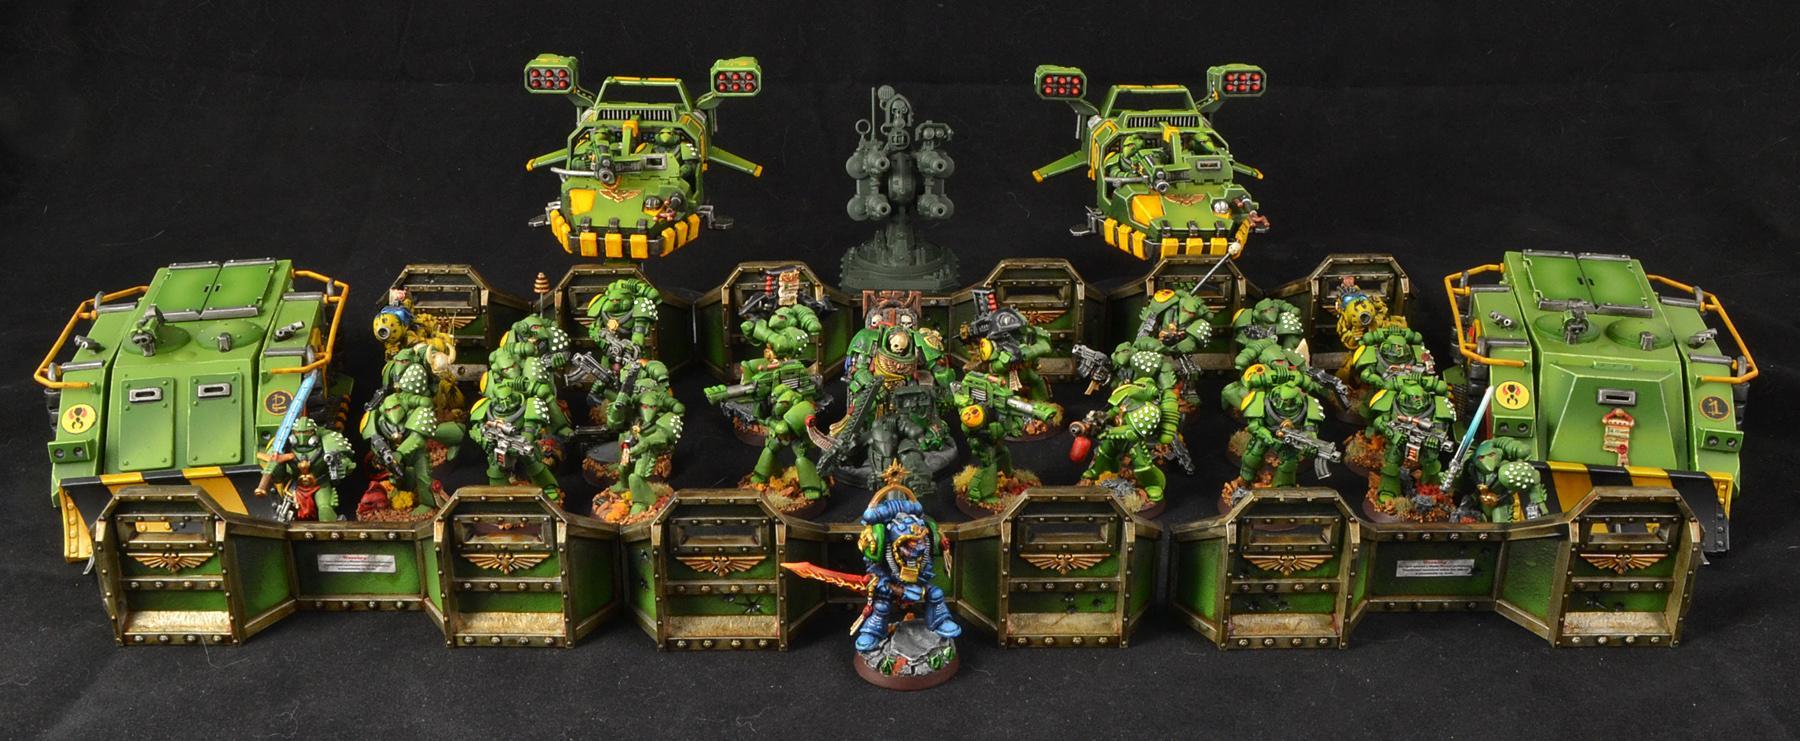 Adepticon, Mantis Warriors, Space Marines, Warhammer 40,000, Work In Progress